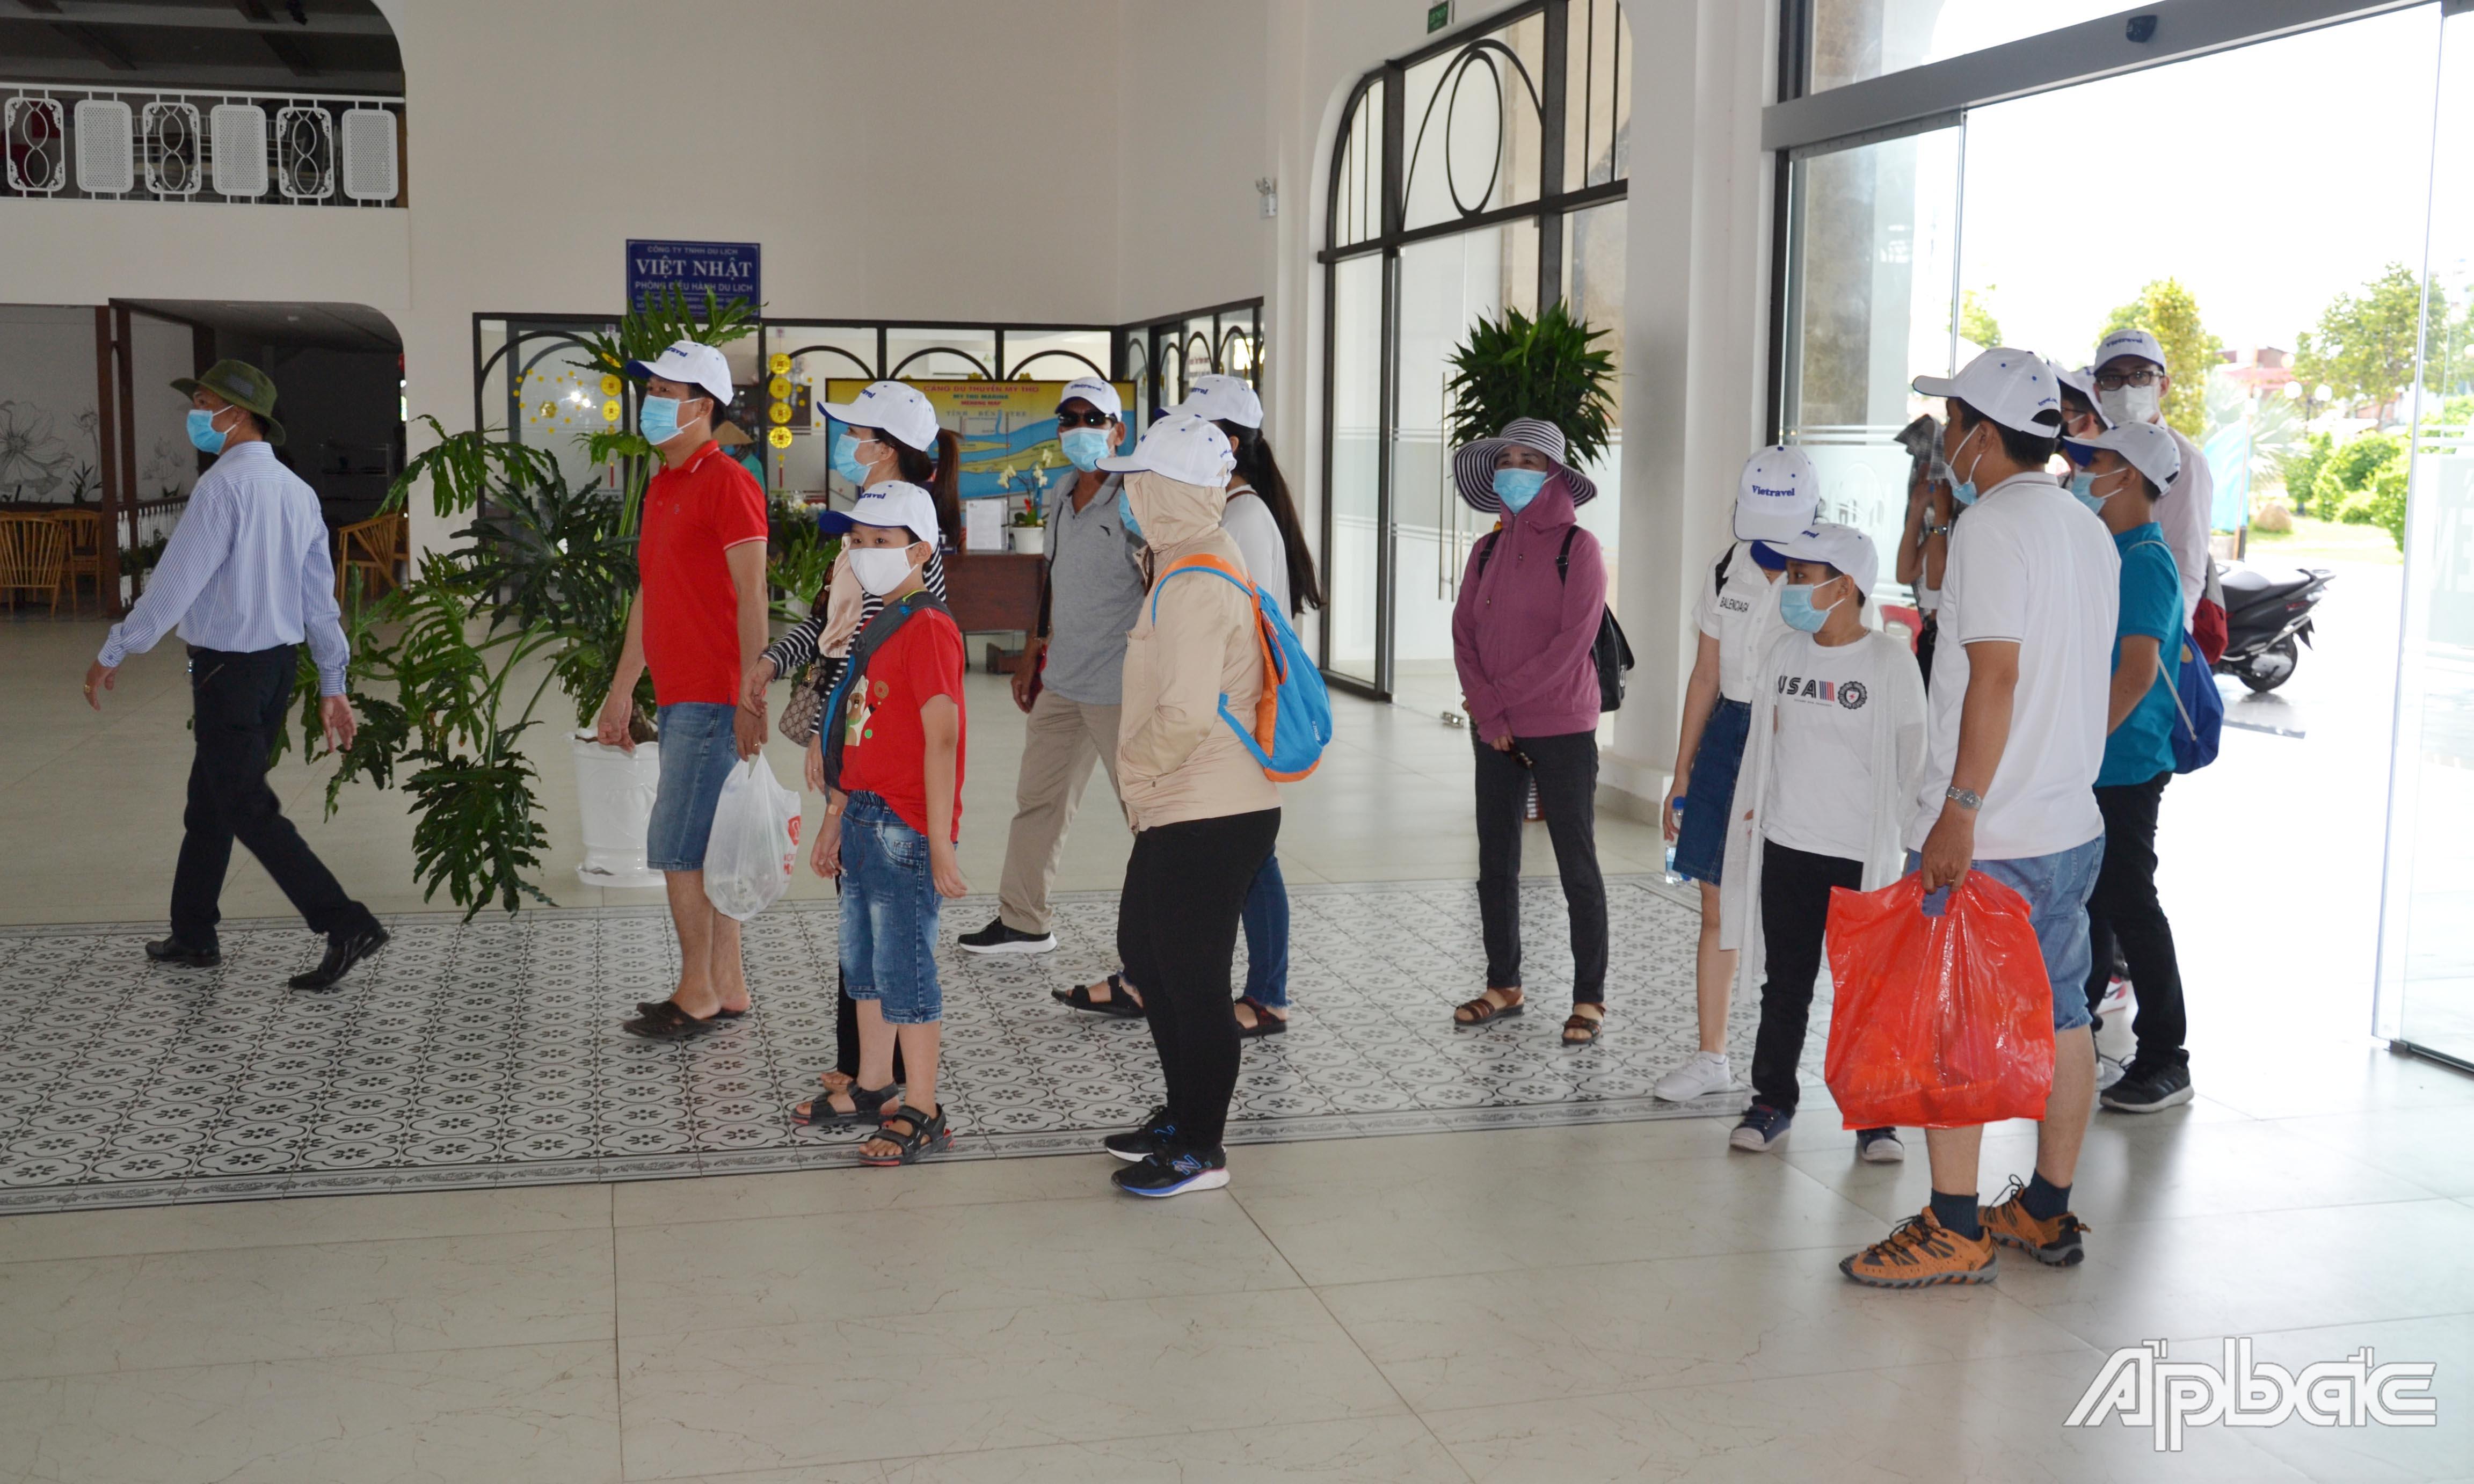 2 ngày nghỉ lễ đầu tiên, Cảng du thuyền Mỹ Tho đơn hơn 1.500 lượt khách du lịch đến tham quan cù lao Thới Sơn.